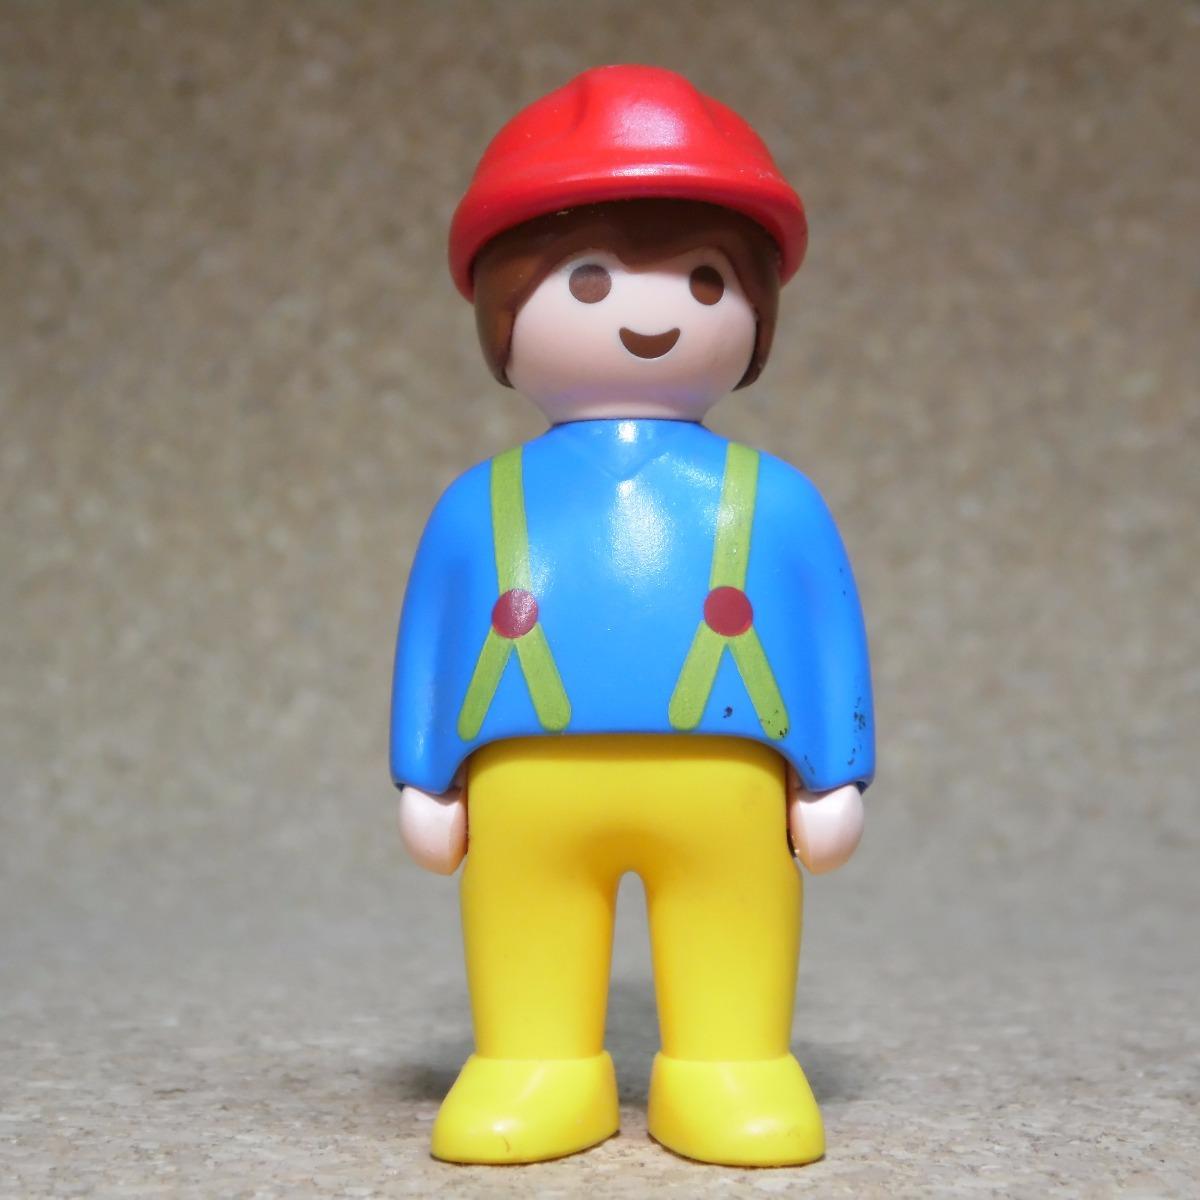 Playmobil 123 Trabajador De Construccion Casco Rojo D1 N - $ 109,00 ...